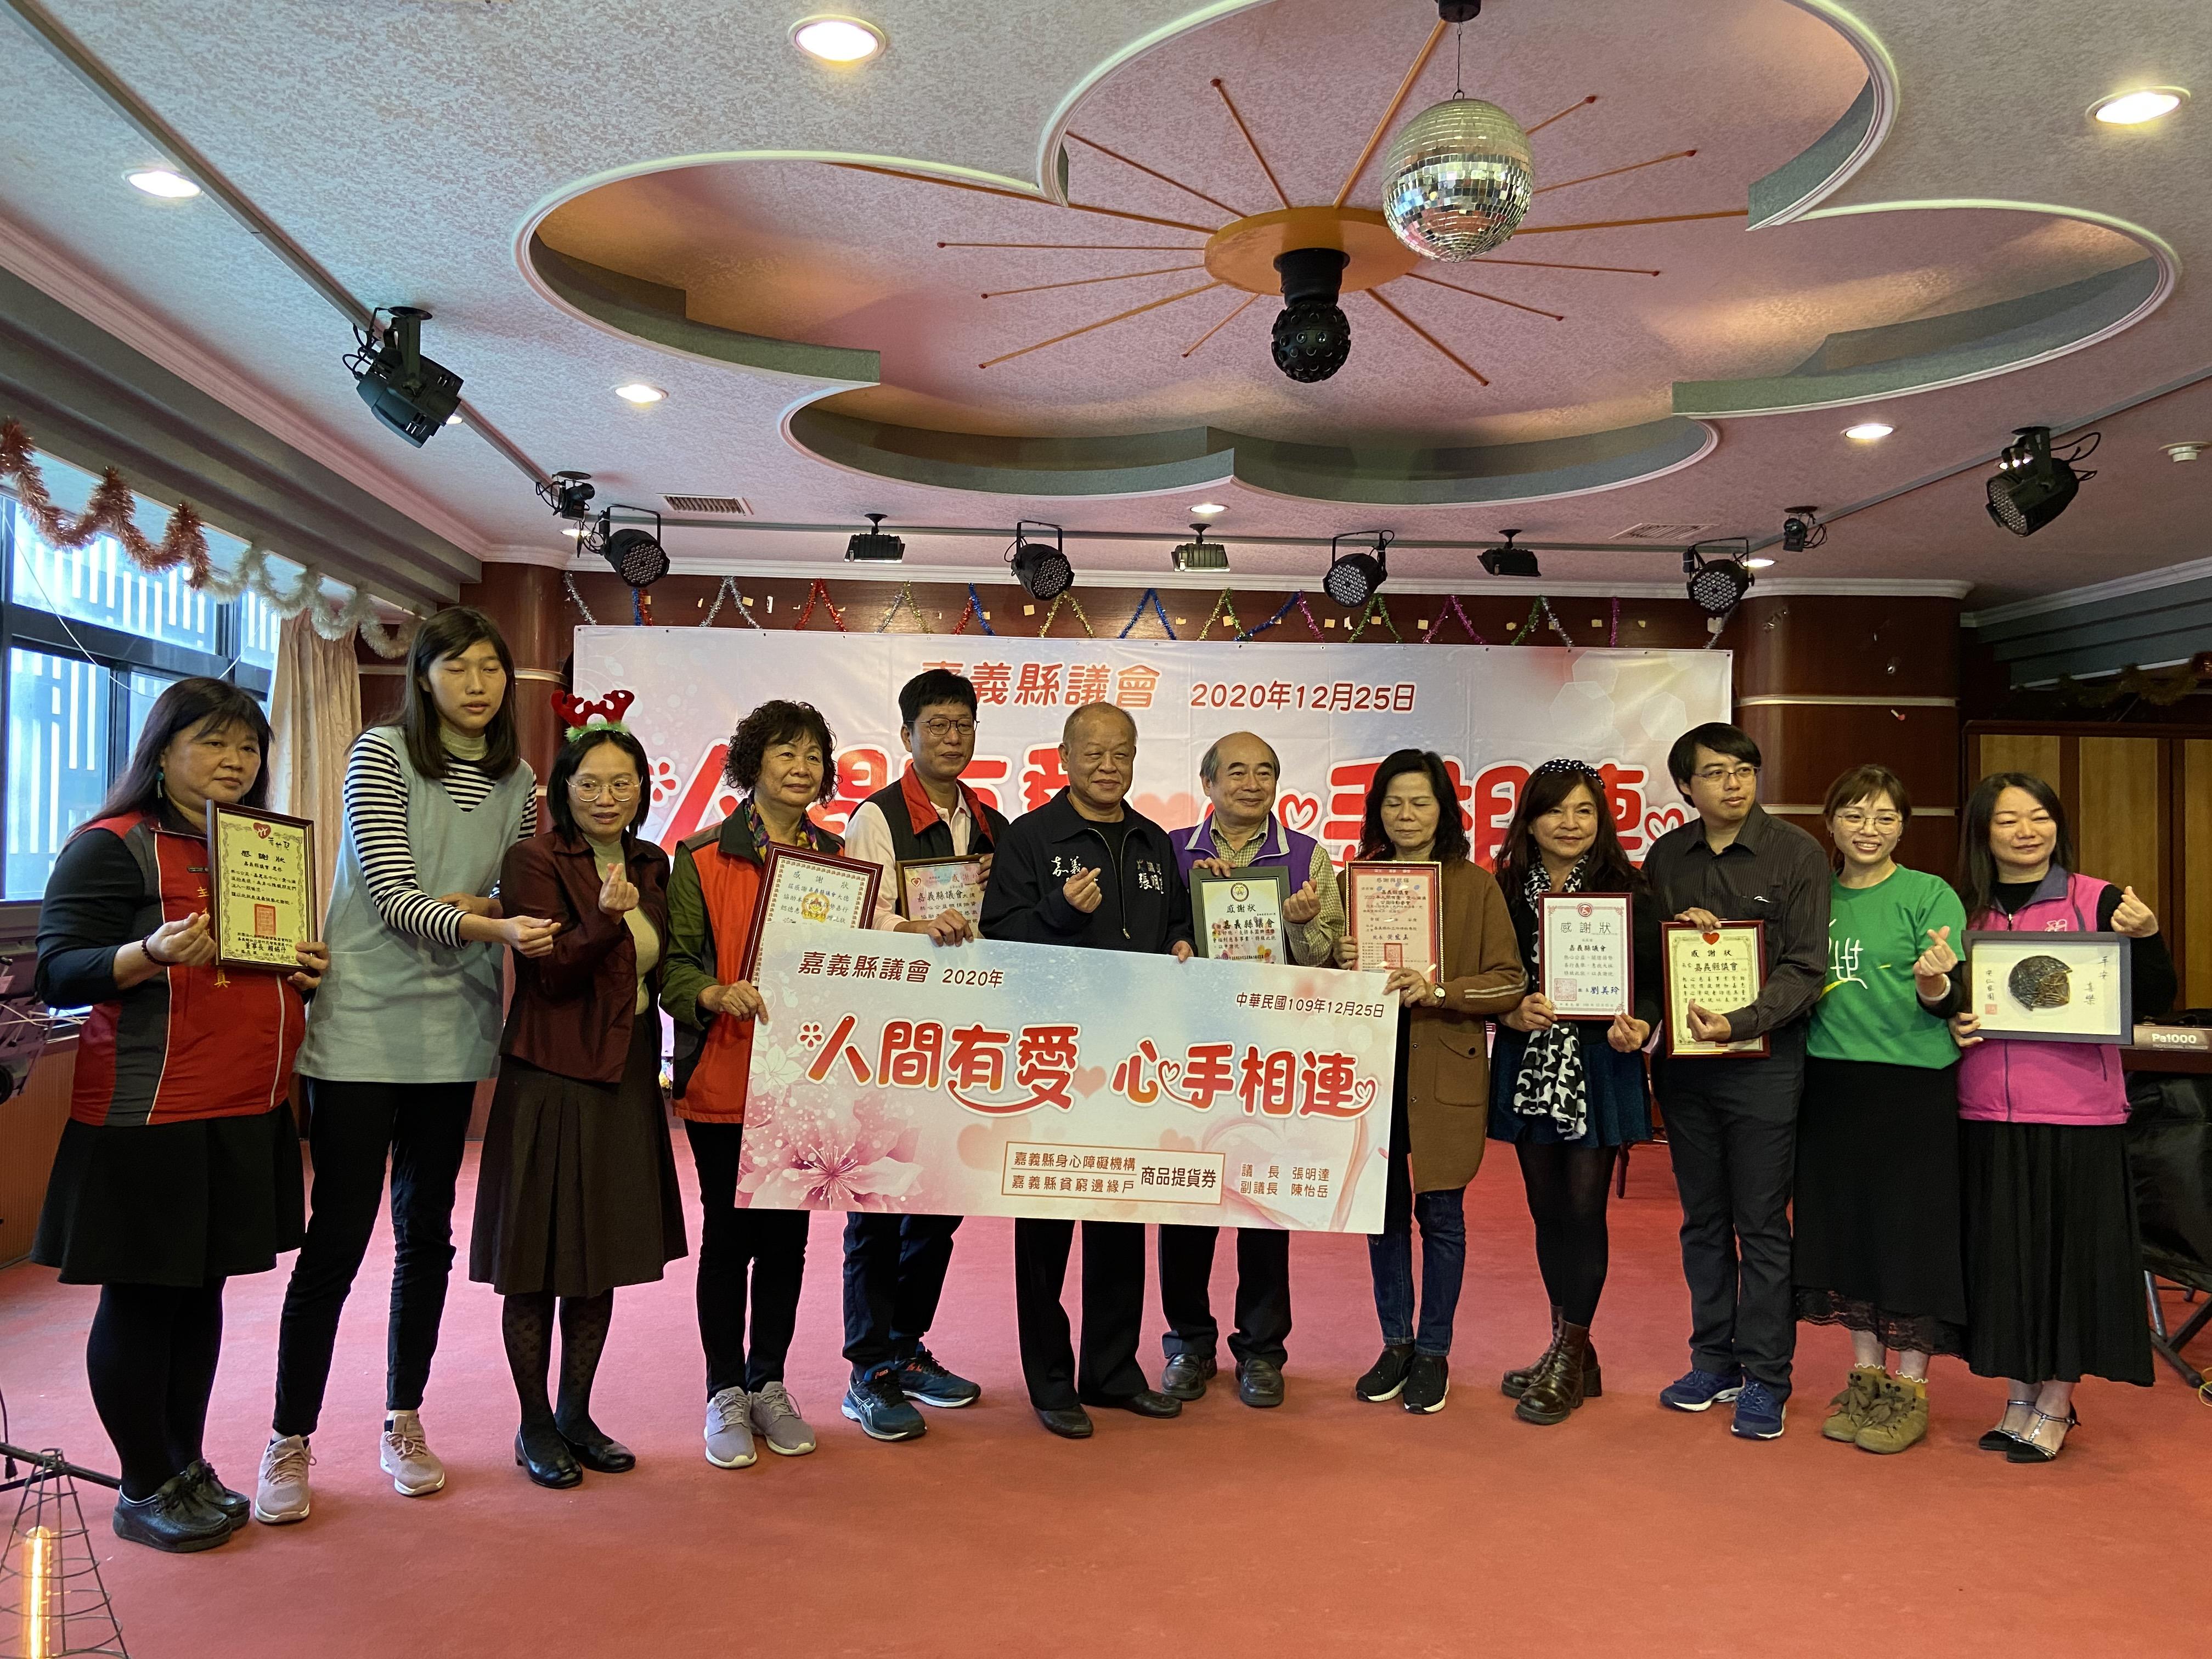 「人間有愛、心手相連」活動,12月25日中午於本會舉行,力挺弱勢團體溫暖度寒冬。